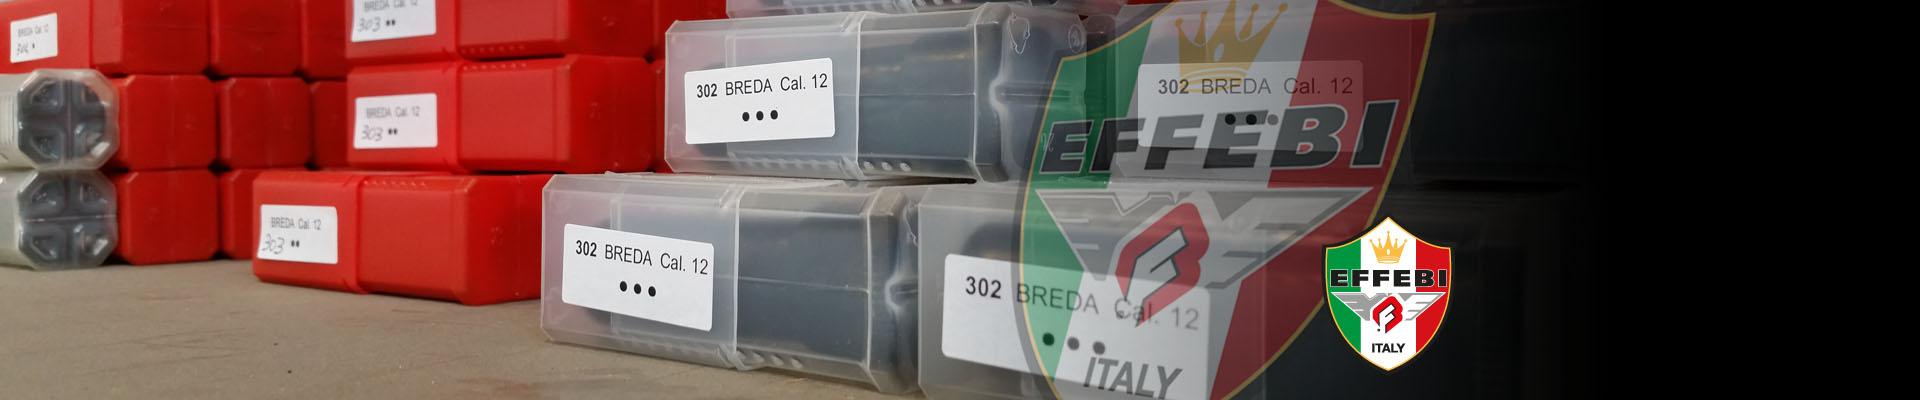 Italiano) Strozzatori per fucili Effebi di Beretta